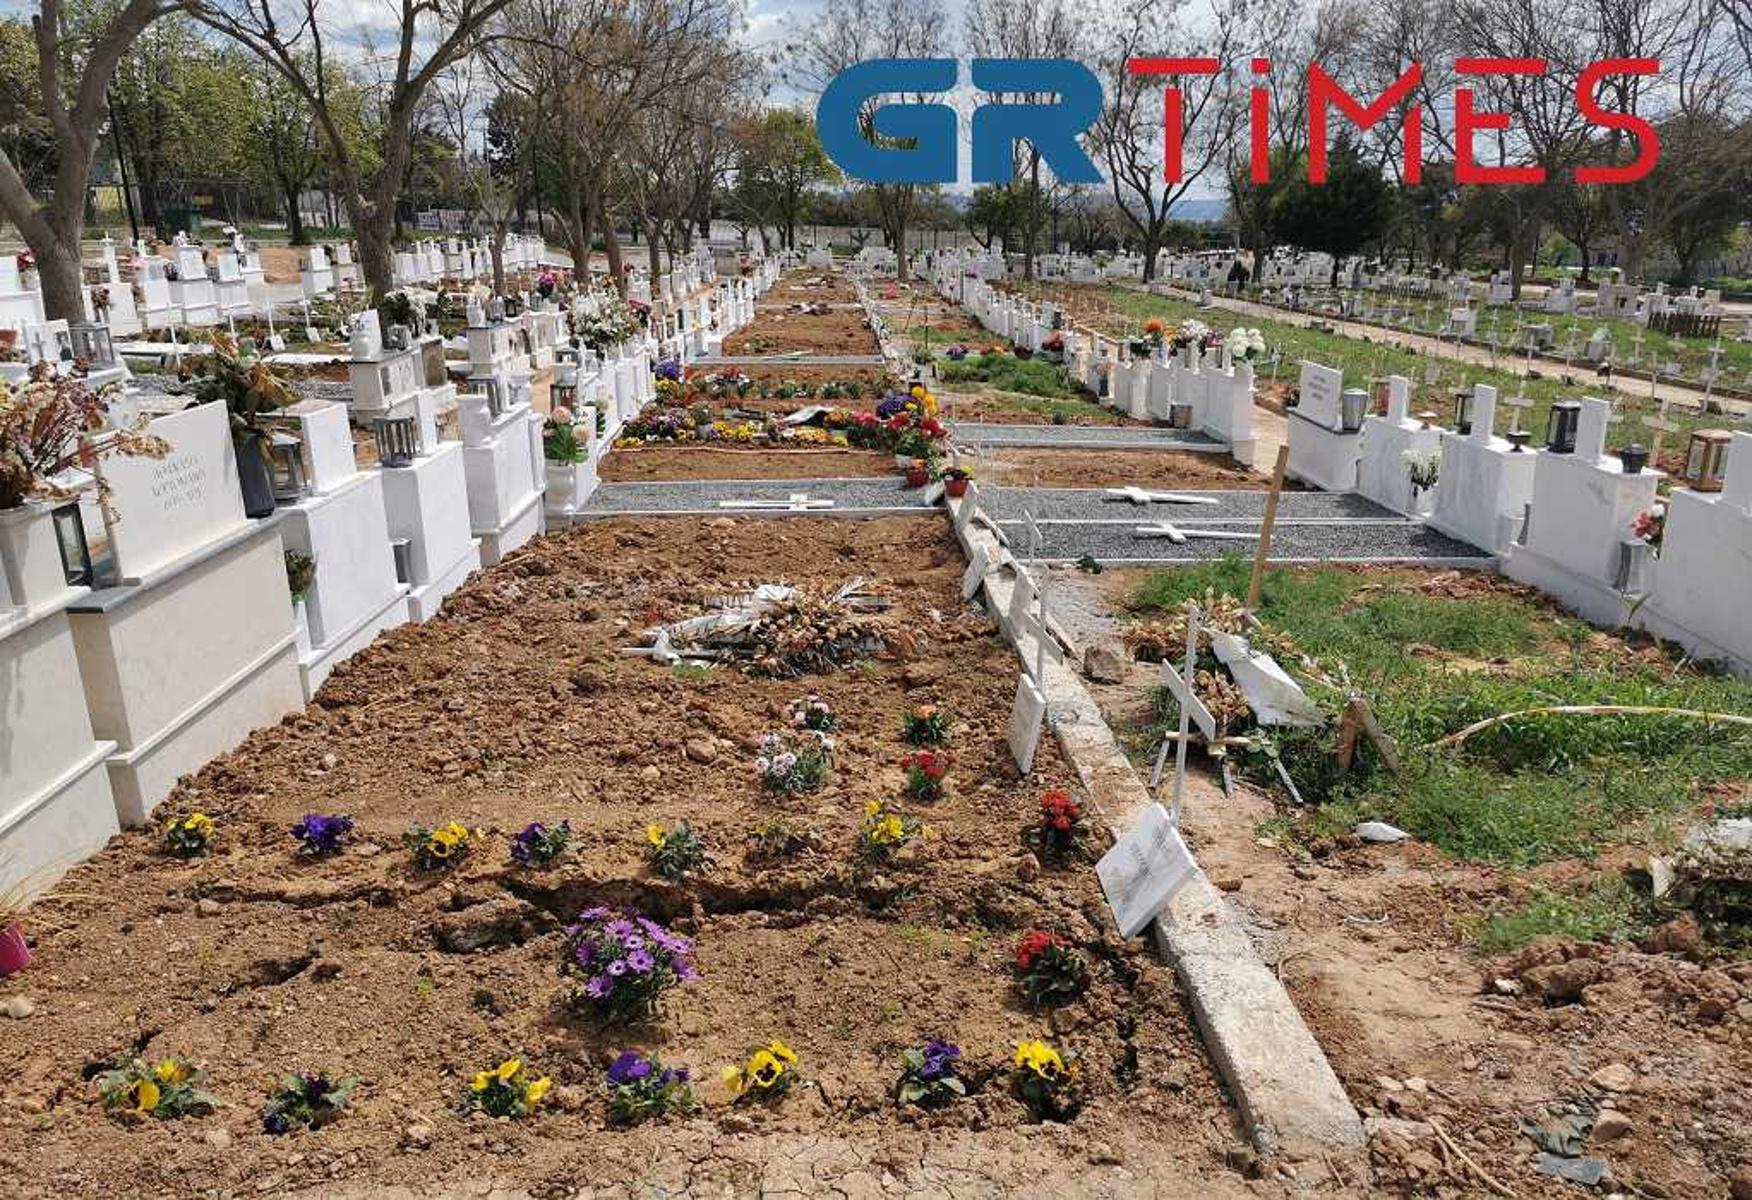 Κορονοϊός: Σκηνικό πολέμου στα νεκροταφεία της Θεσσαλονίκης – Περίπου 700 νεκροί από την πανδημία